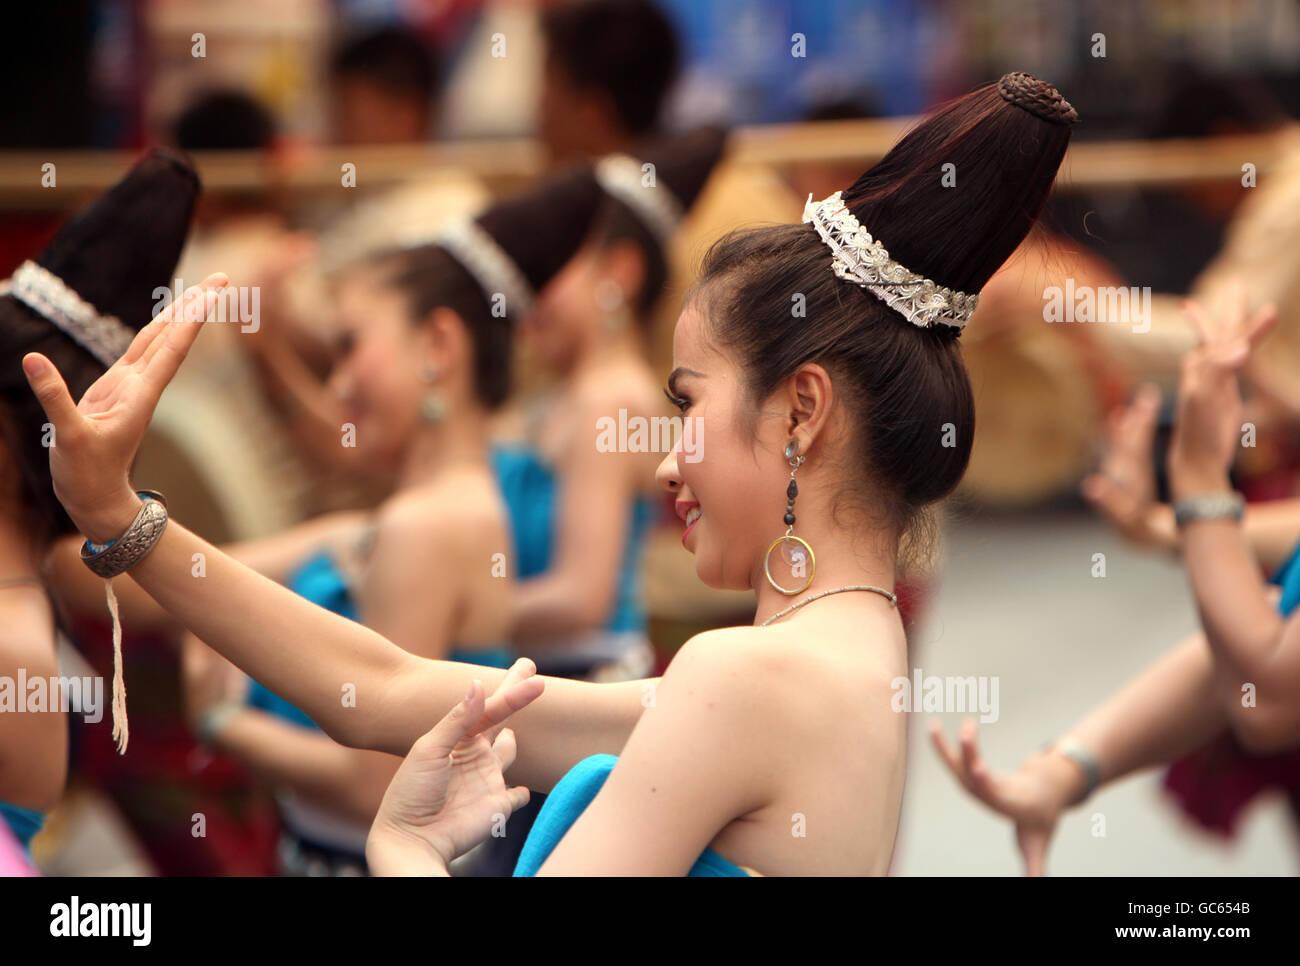 Eine traditionelle Tanz Gruppe zeigt sich an der Festparade beim Bun Bang Fai oder Rocket Festival in Yasothon im - Stock Image